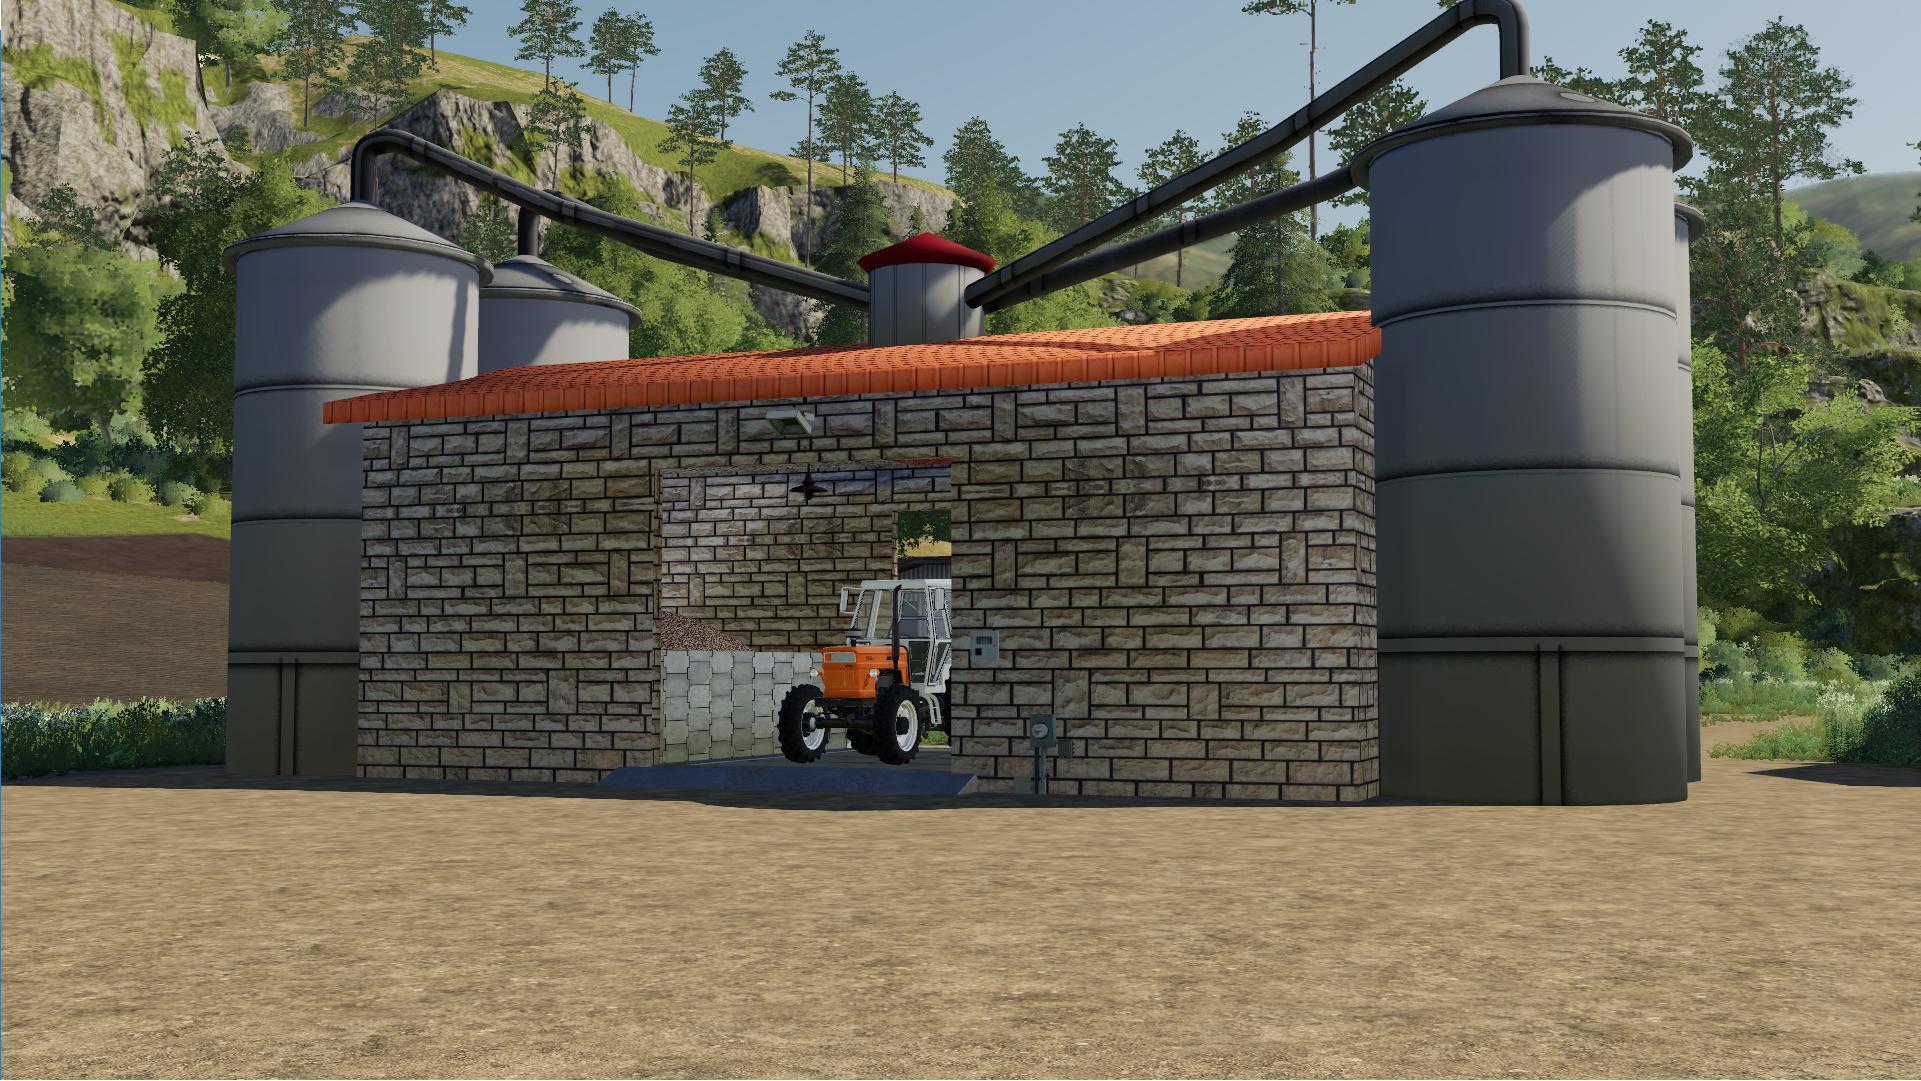 Farm Silo MultiStorage v1 02 FS19 - Farming Simulator 19 Mod